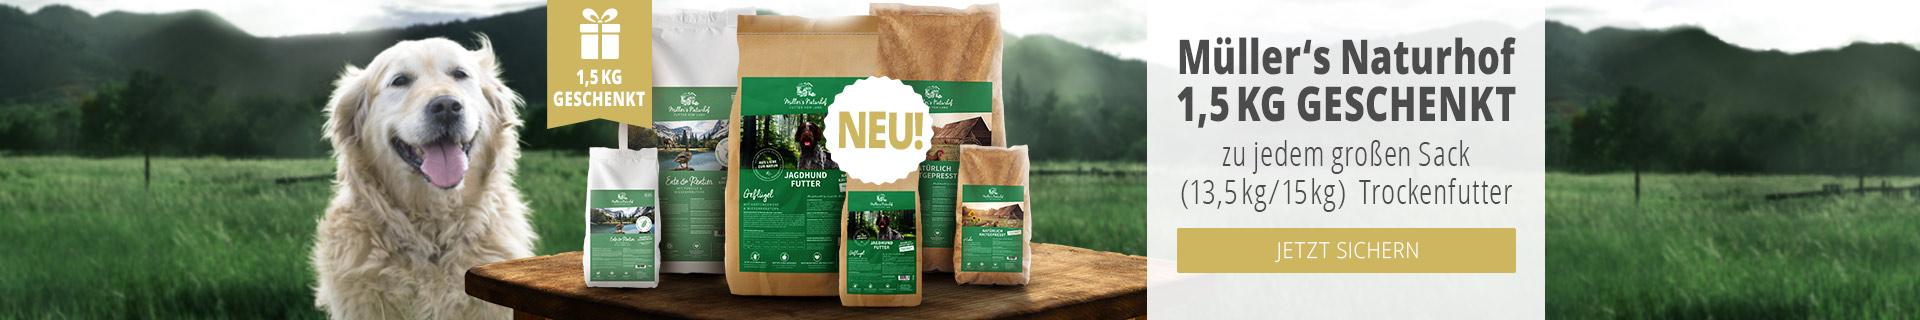 Müller's Naturhof Trockenfutter Aktion - 13,5 bzw. 15kg Trockenfuttersack kaufen & 1,5kg derselben Sorte gratis erhalten